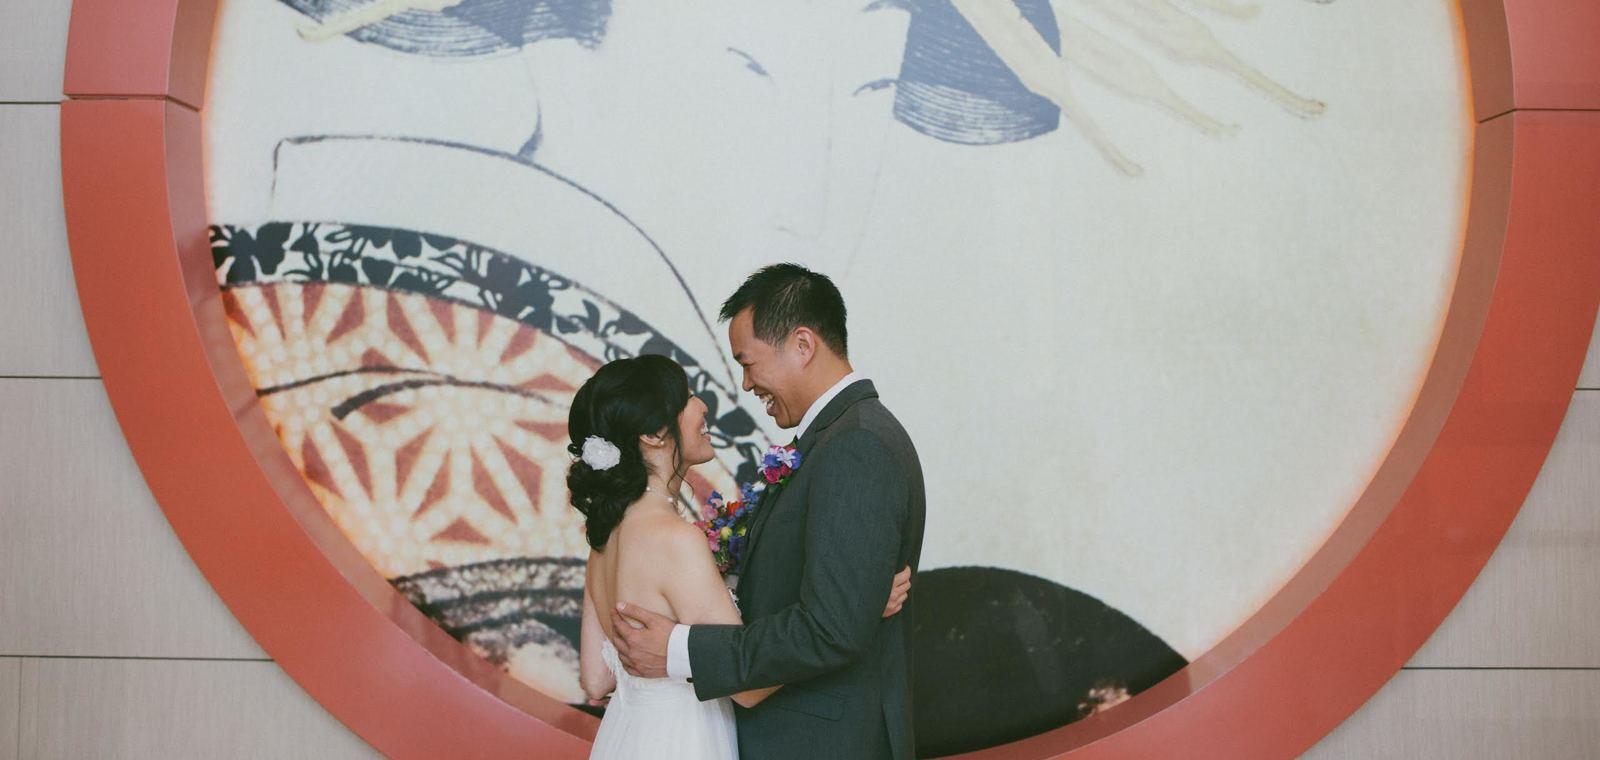 Hotel Kabuki Wedding 01 EP